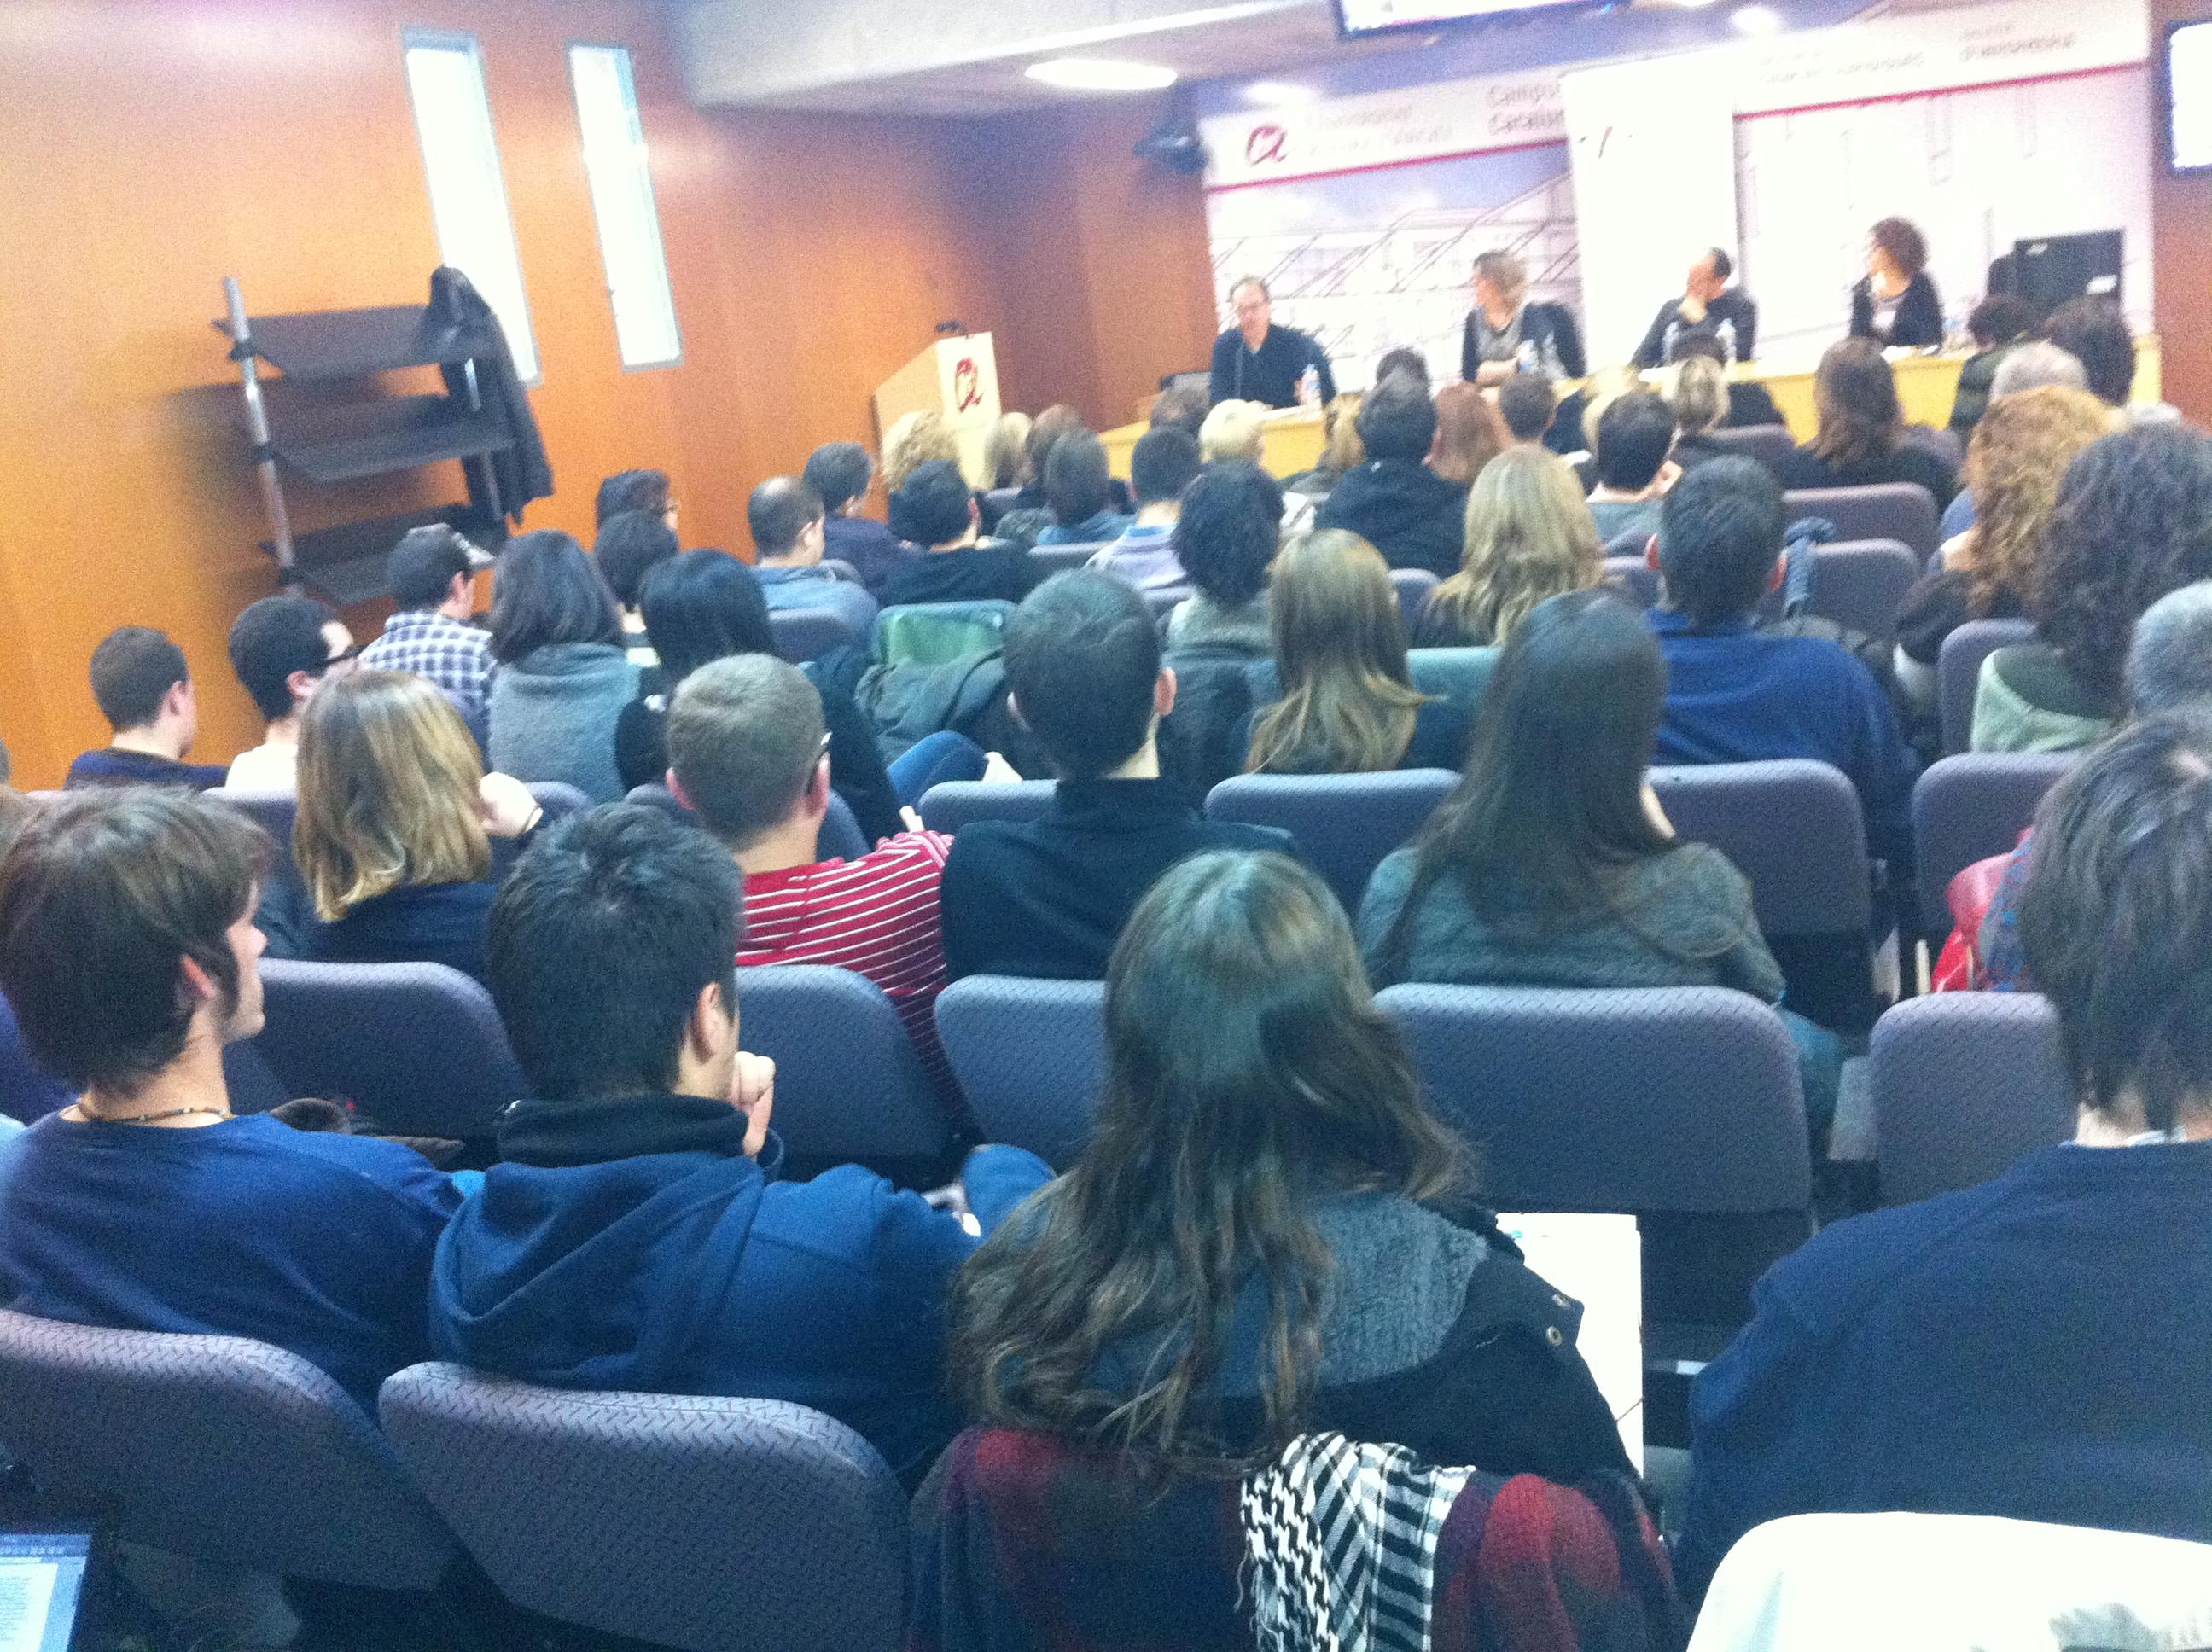 Alumnes de la URV participen a la trobada dels professionals del periodisme a Tarragona (Foto: Col·legi de Periodistes)